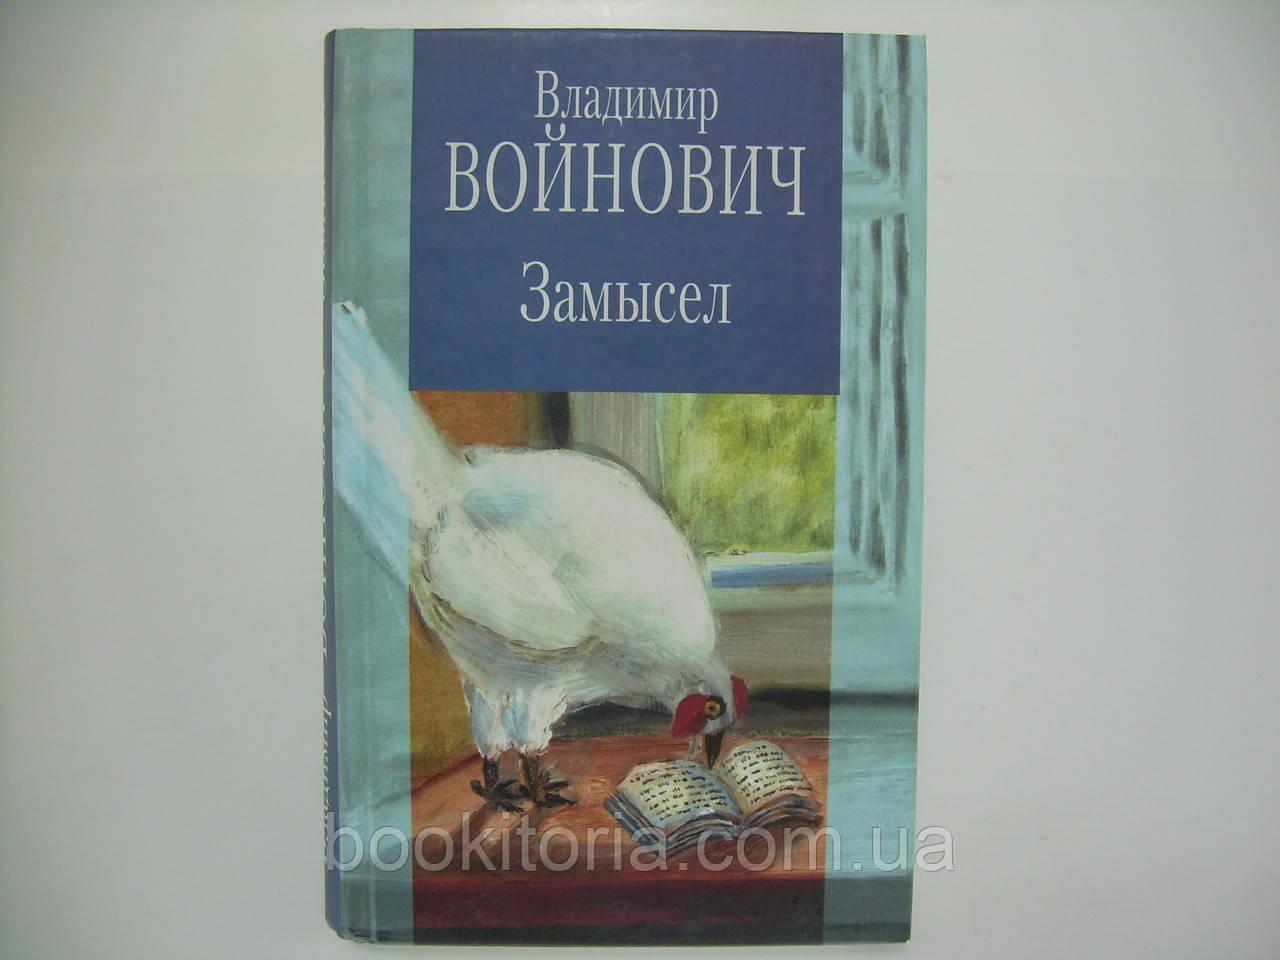 Войнович В. Замысел (б/у).